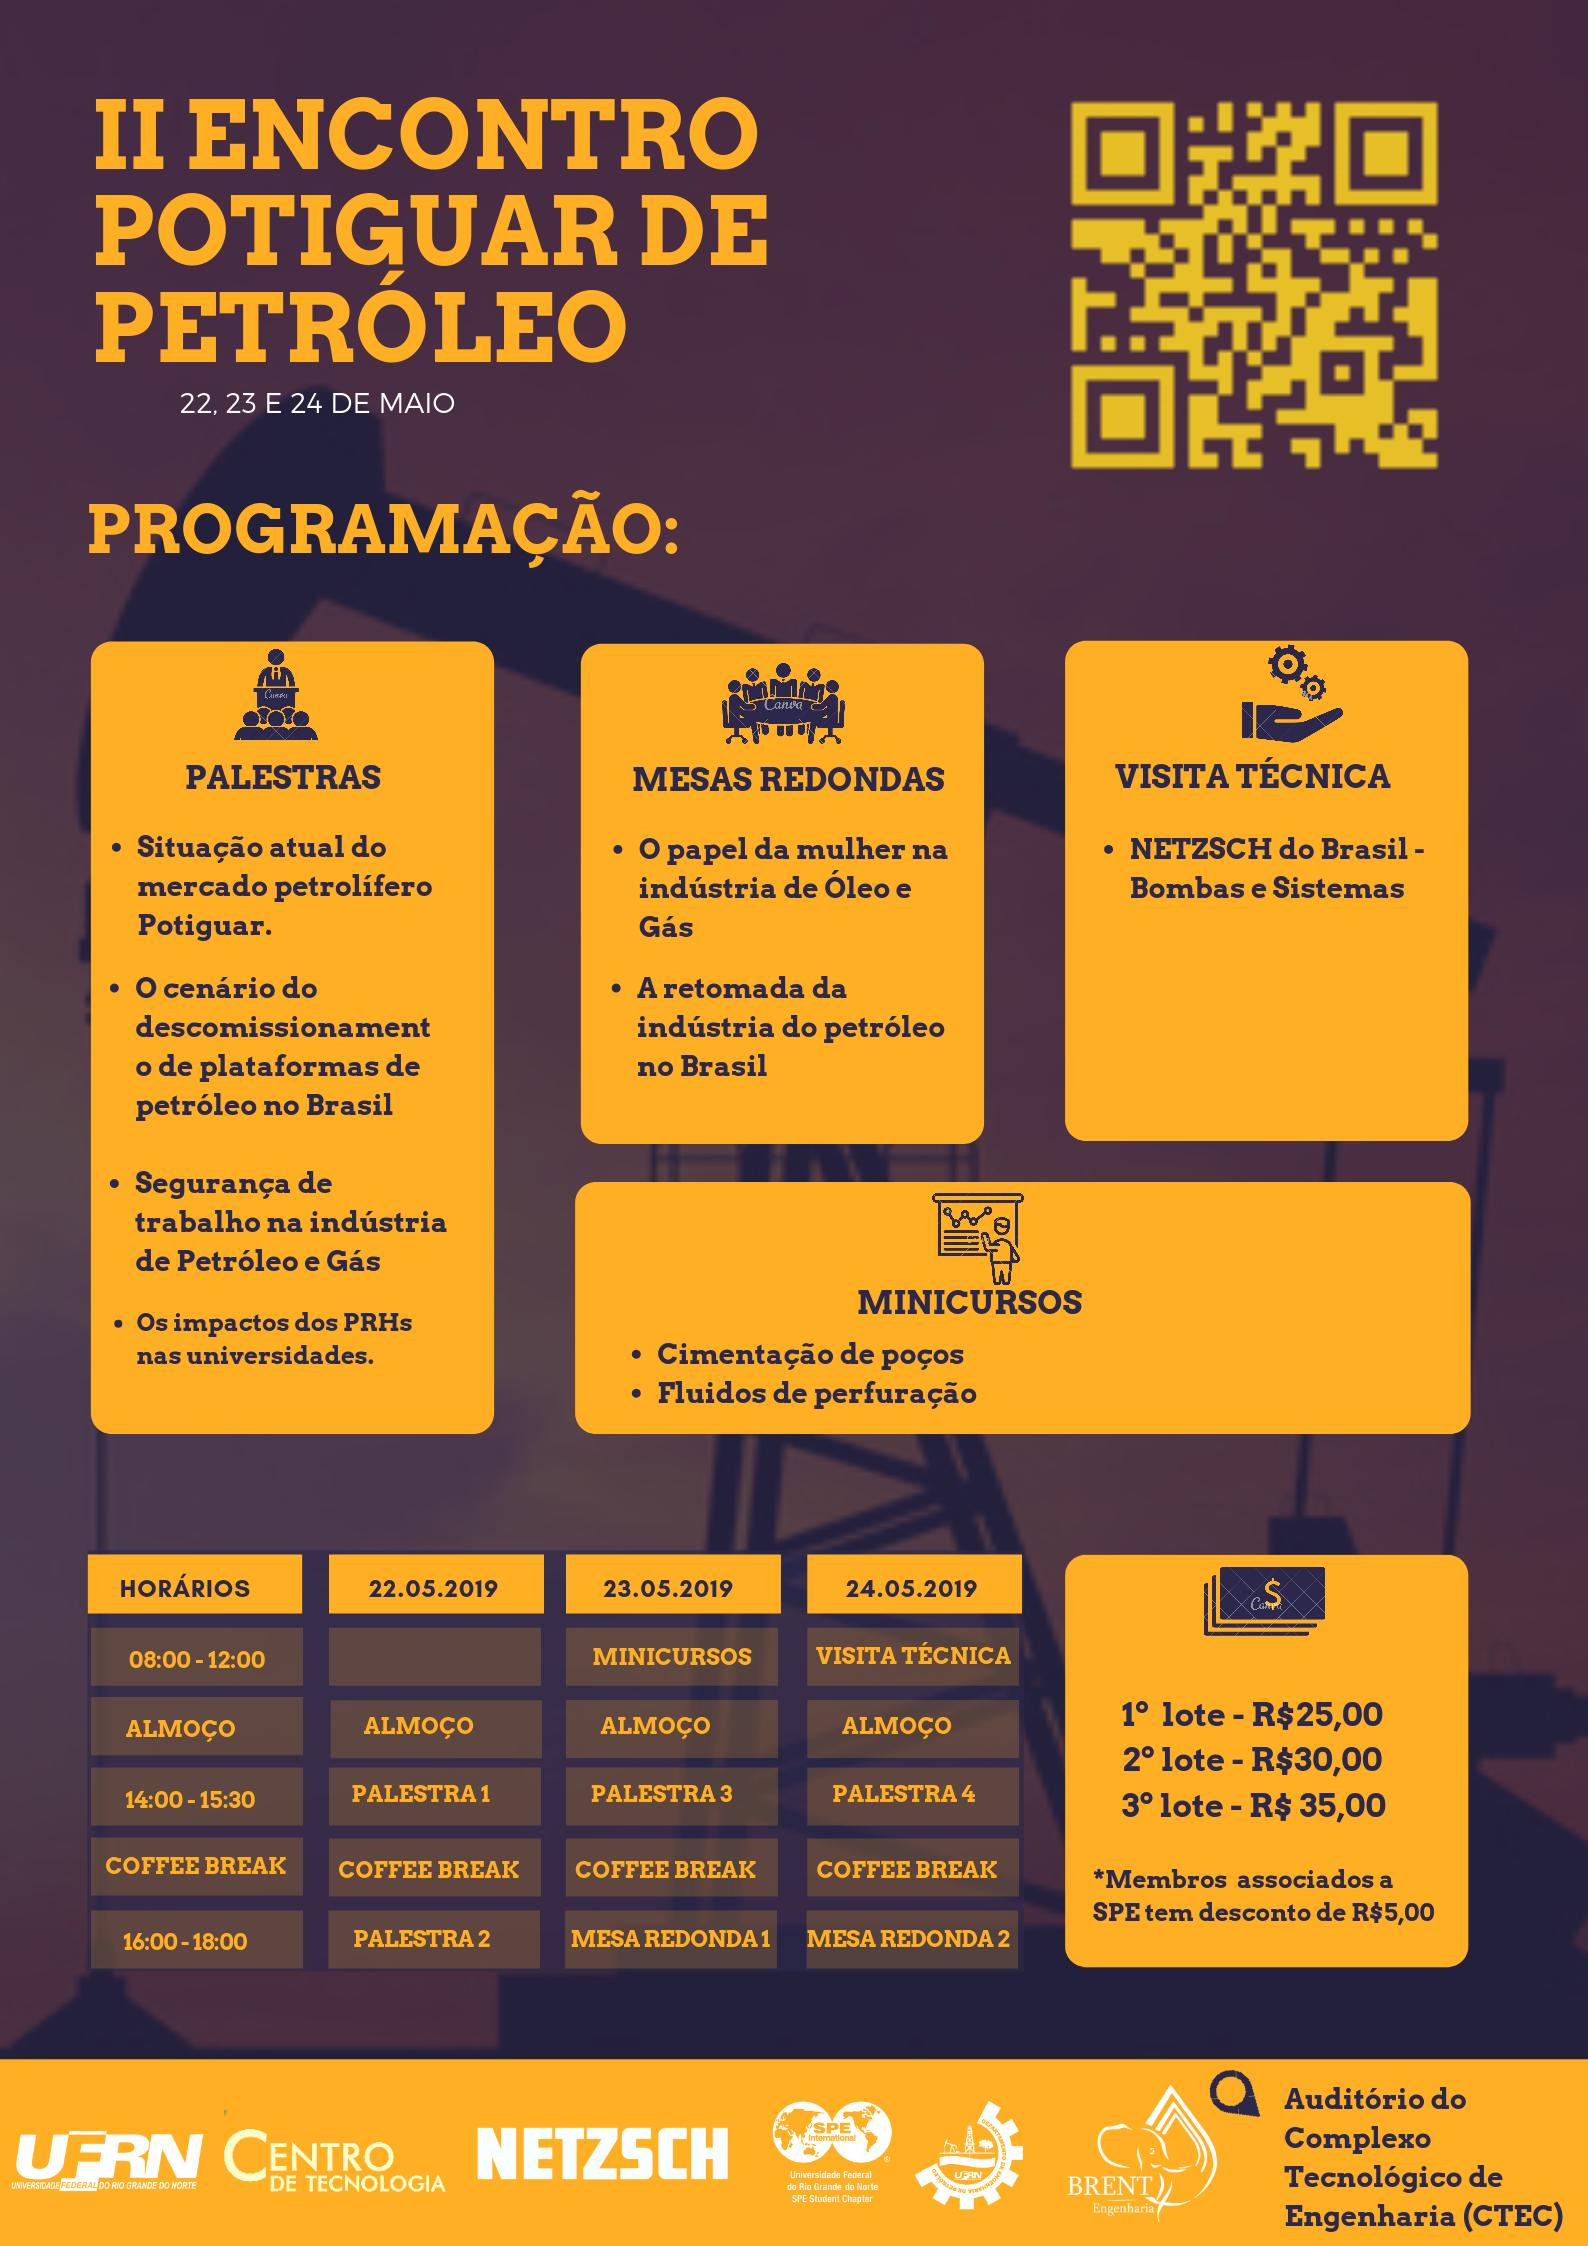 II ENCONTRO POTIGUAR DE PETRÓLEO